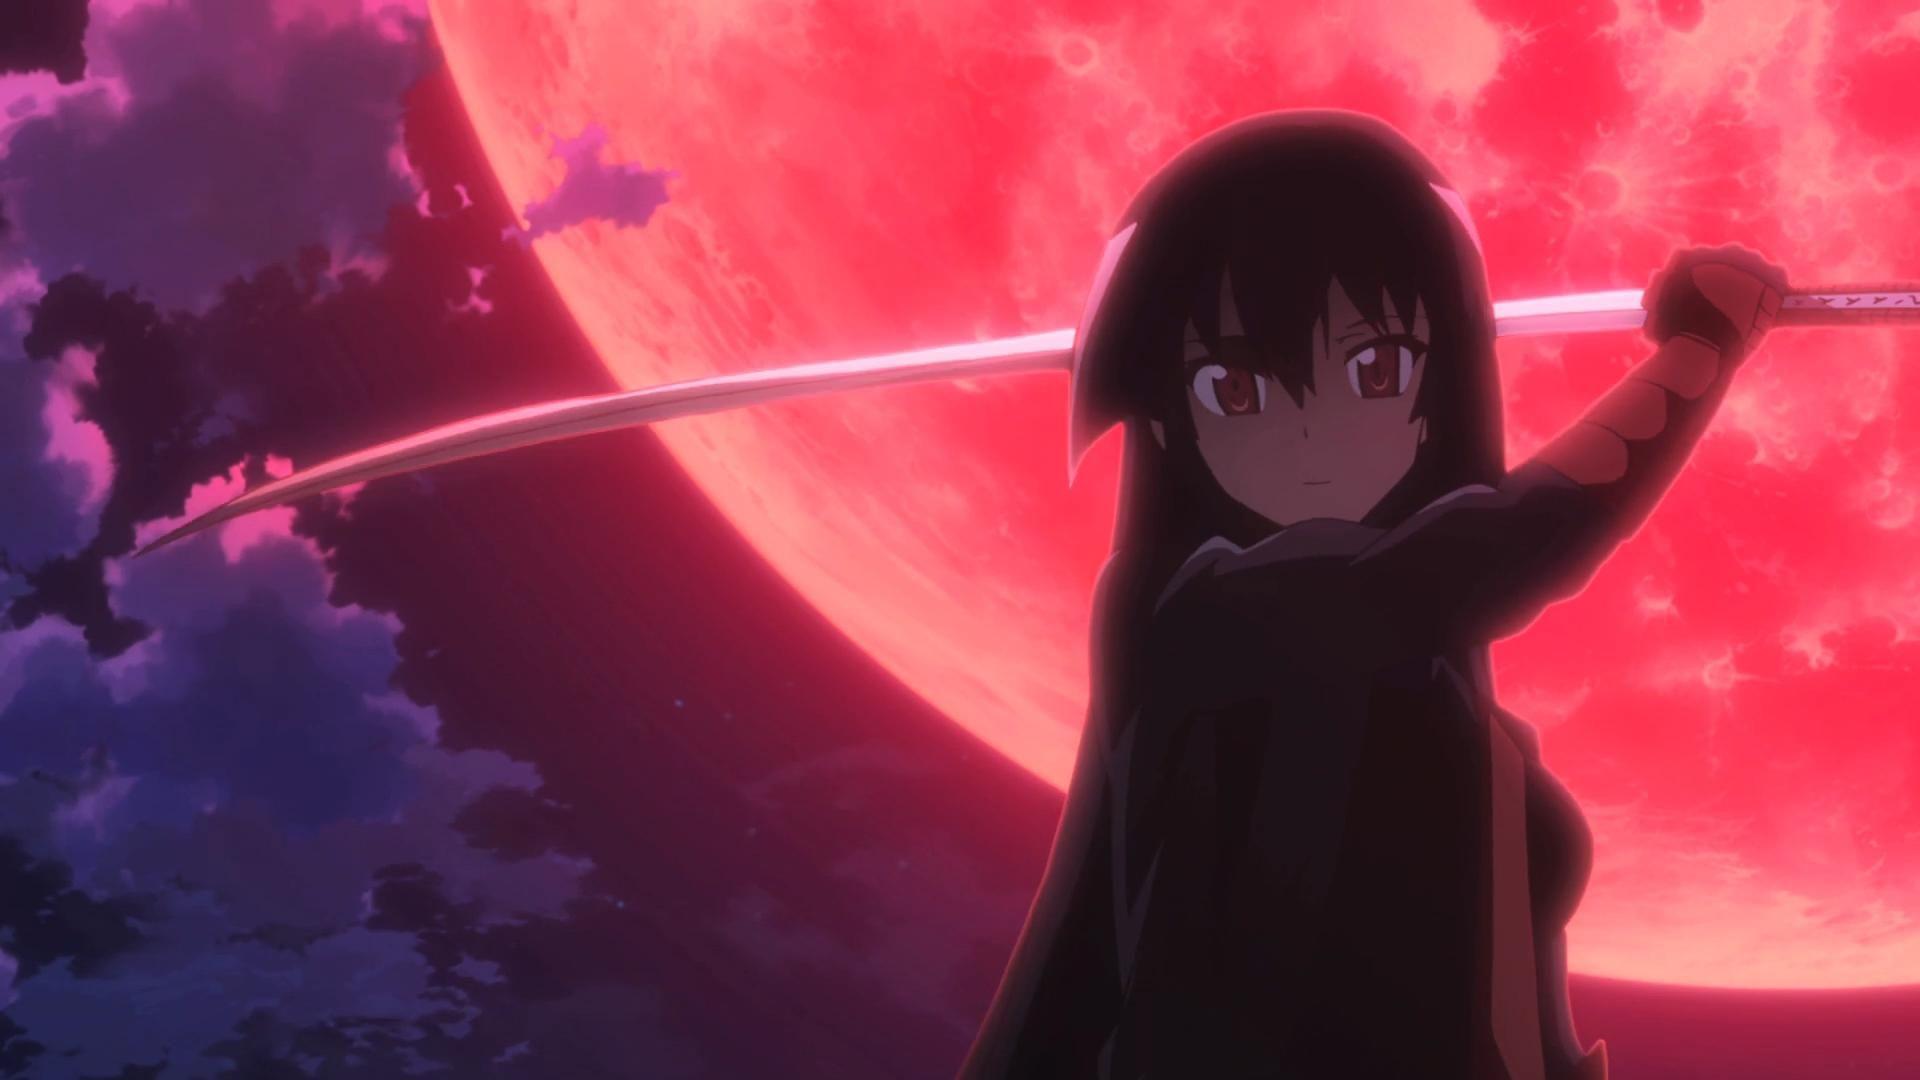 Akame Ga Kill Wallpapers Hd Dibujos Anime Manga Bocetos Anime